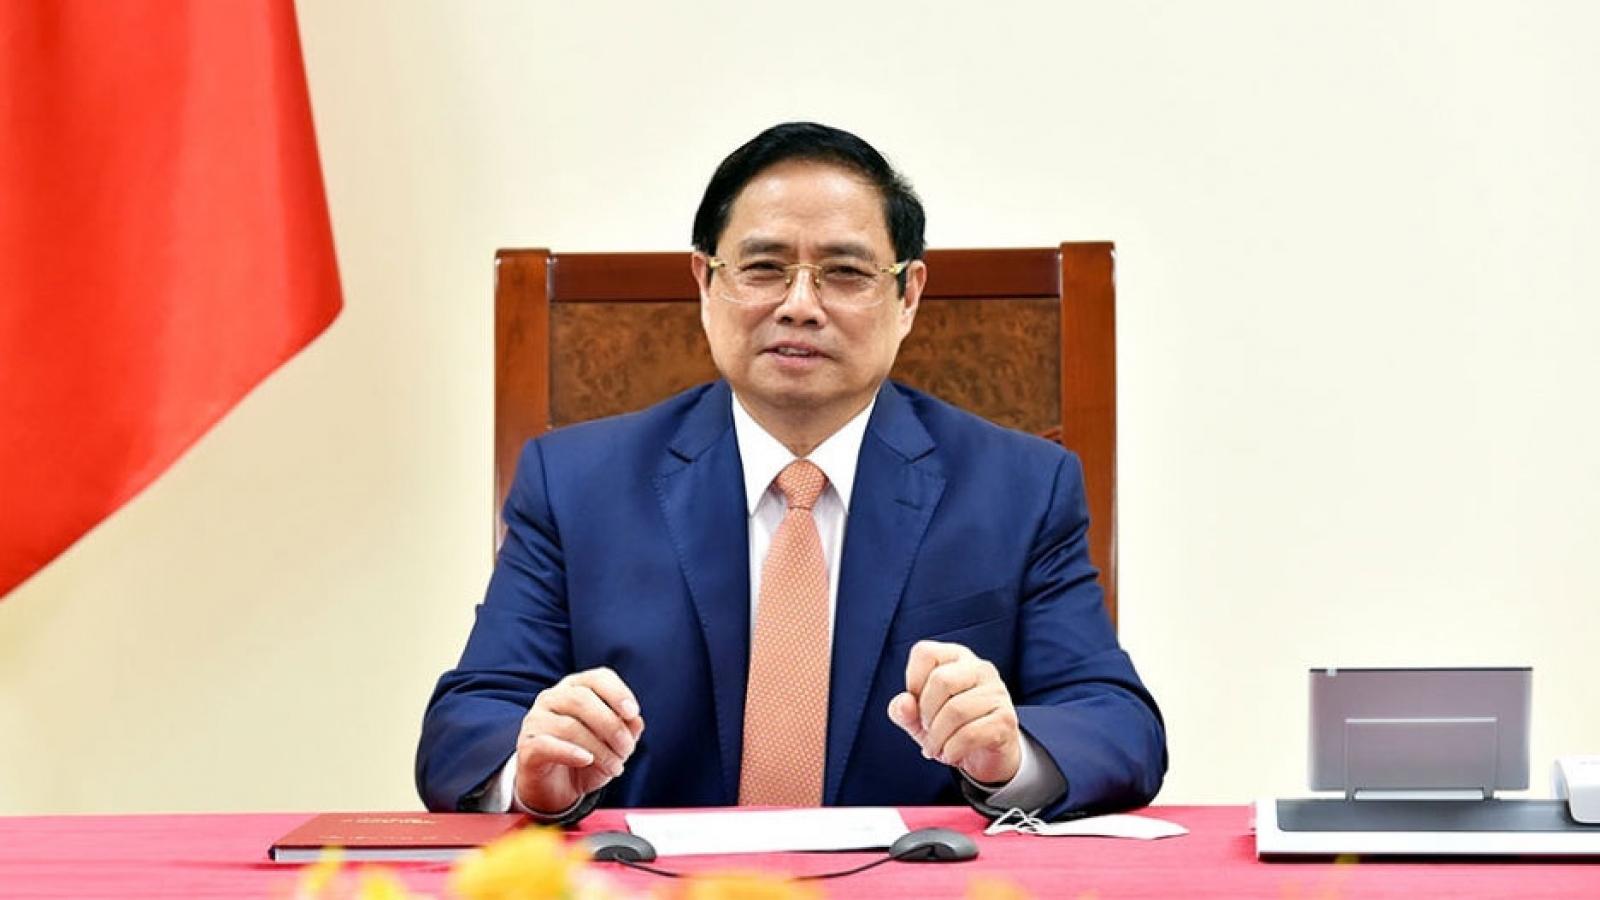 Thủ tướng Phạm Minh Chính dự Hội nghị thượng đỉnh Thương mại dịch vụ toàn cầu 2021